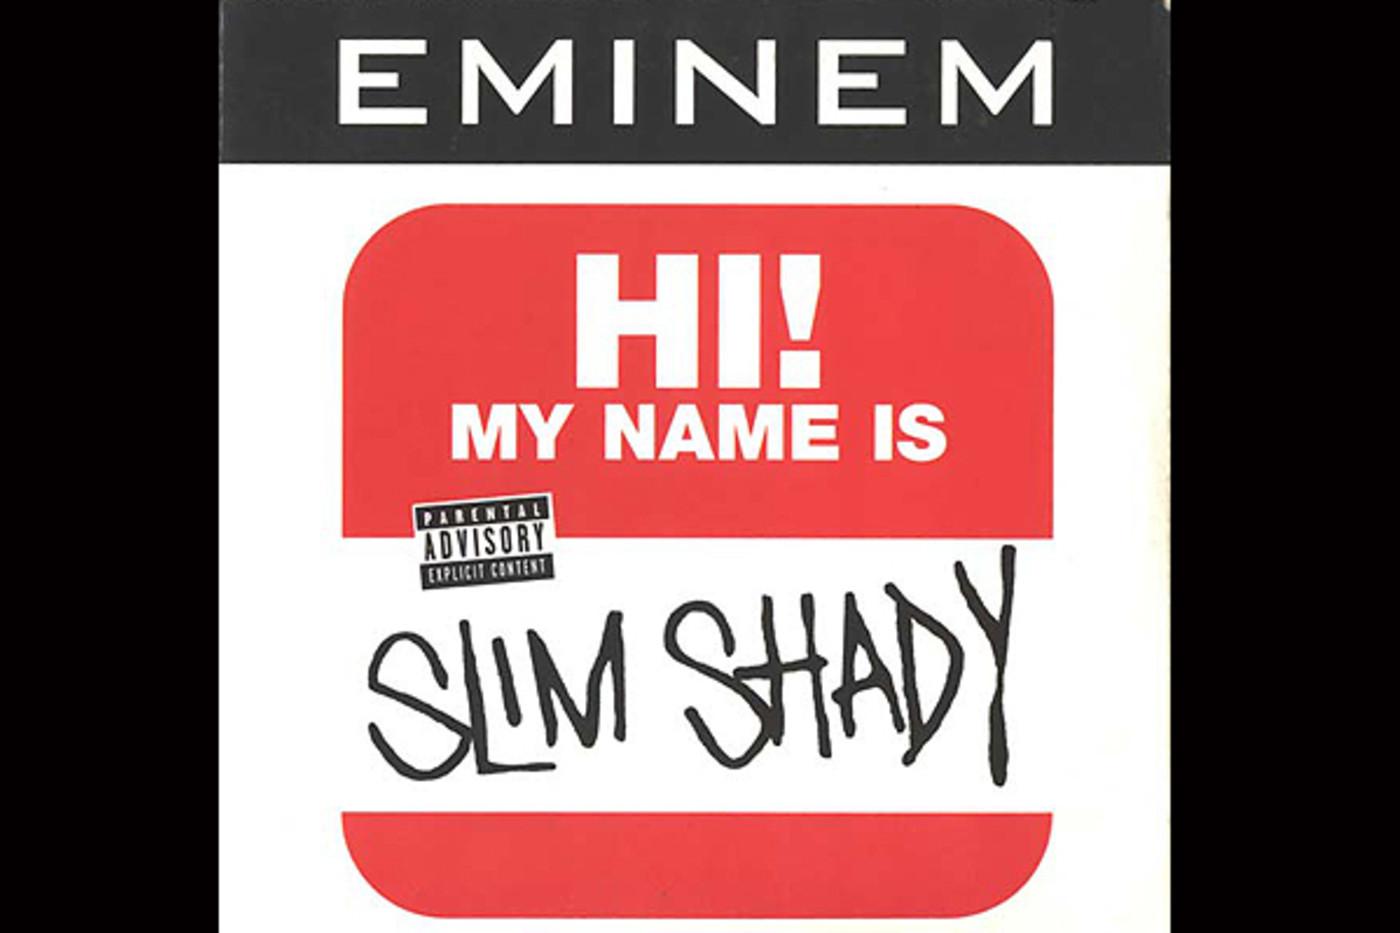 best-eminem-songs-my-name-is